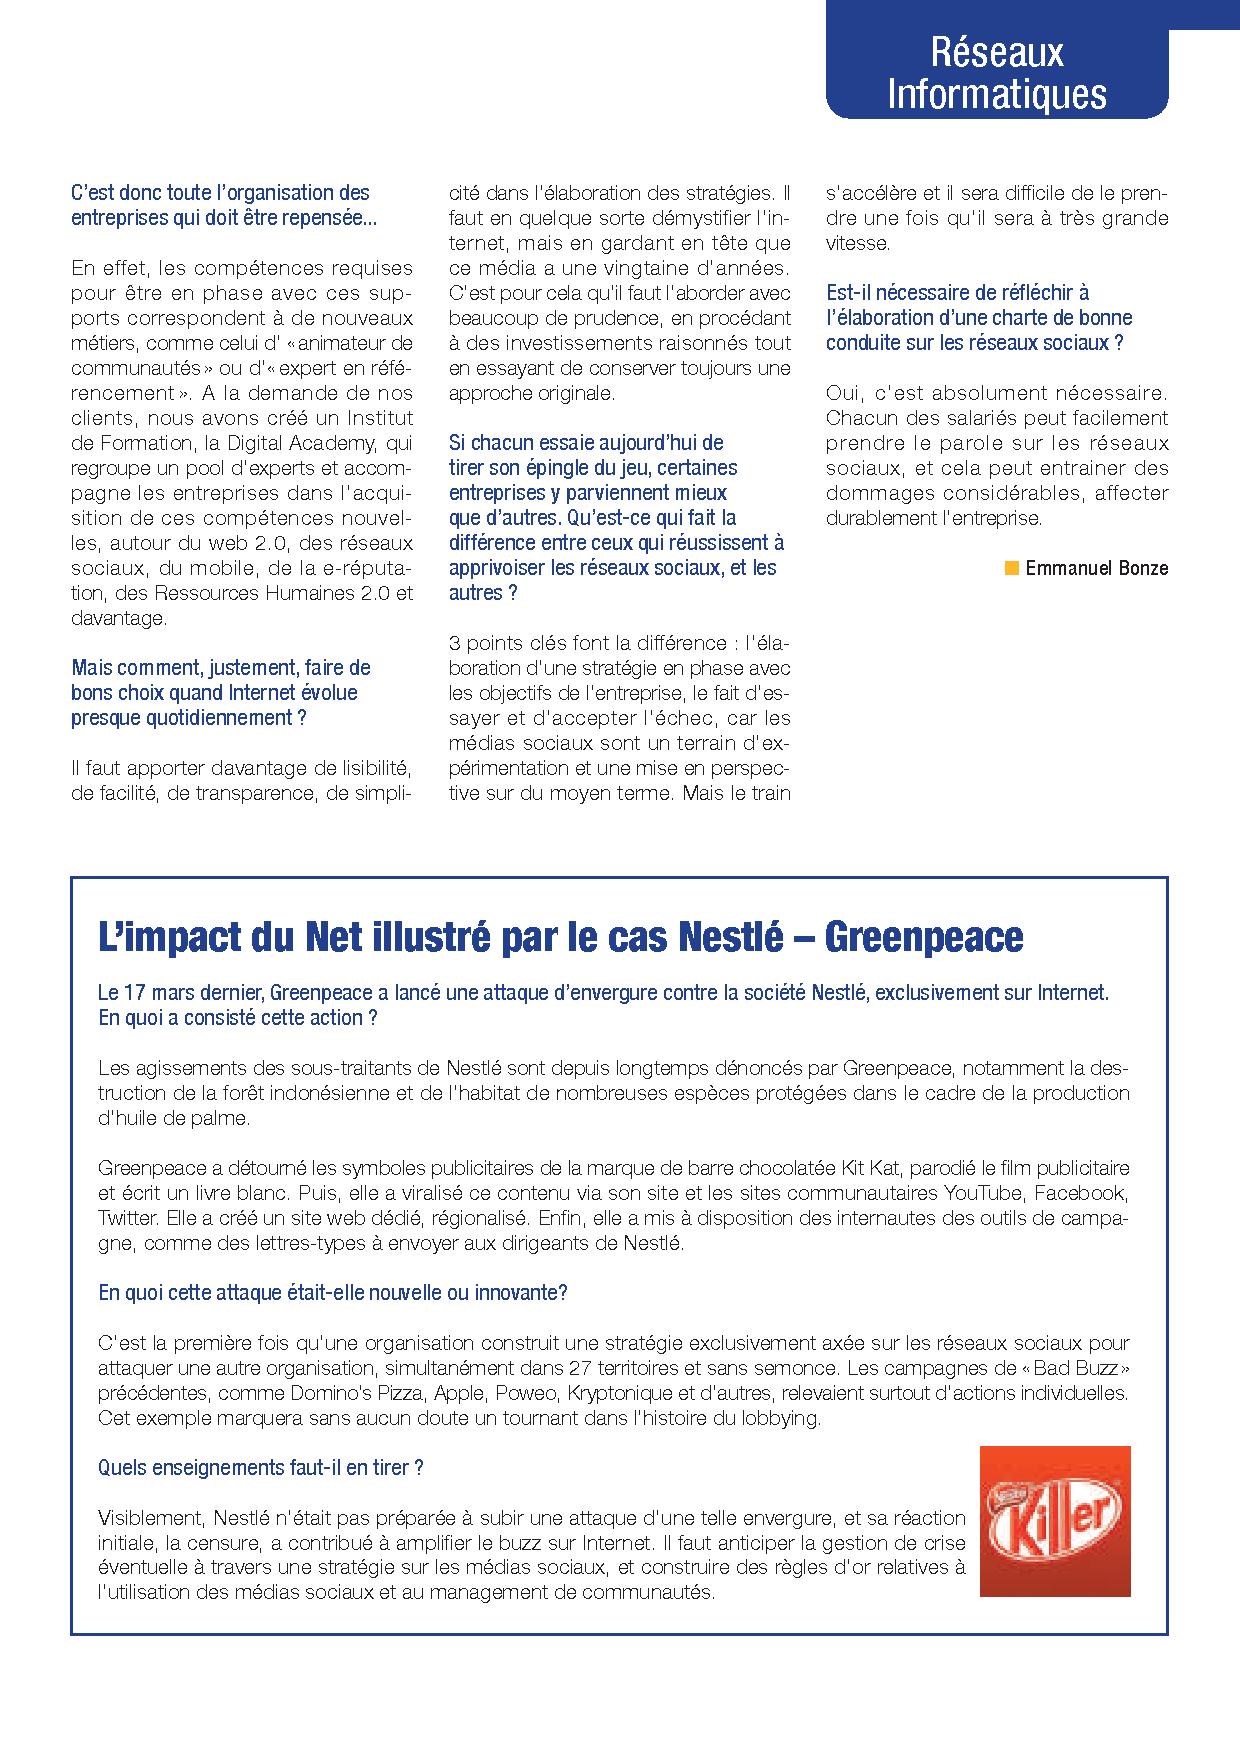 L'impact du Net illustré par le cas Nestlé - GreenPeace